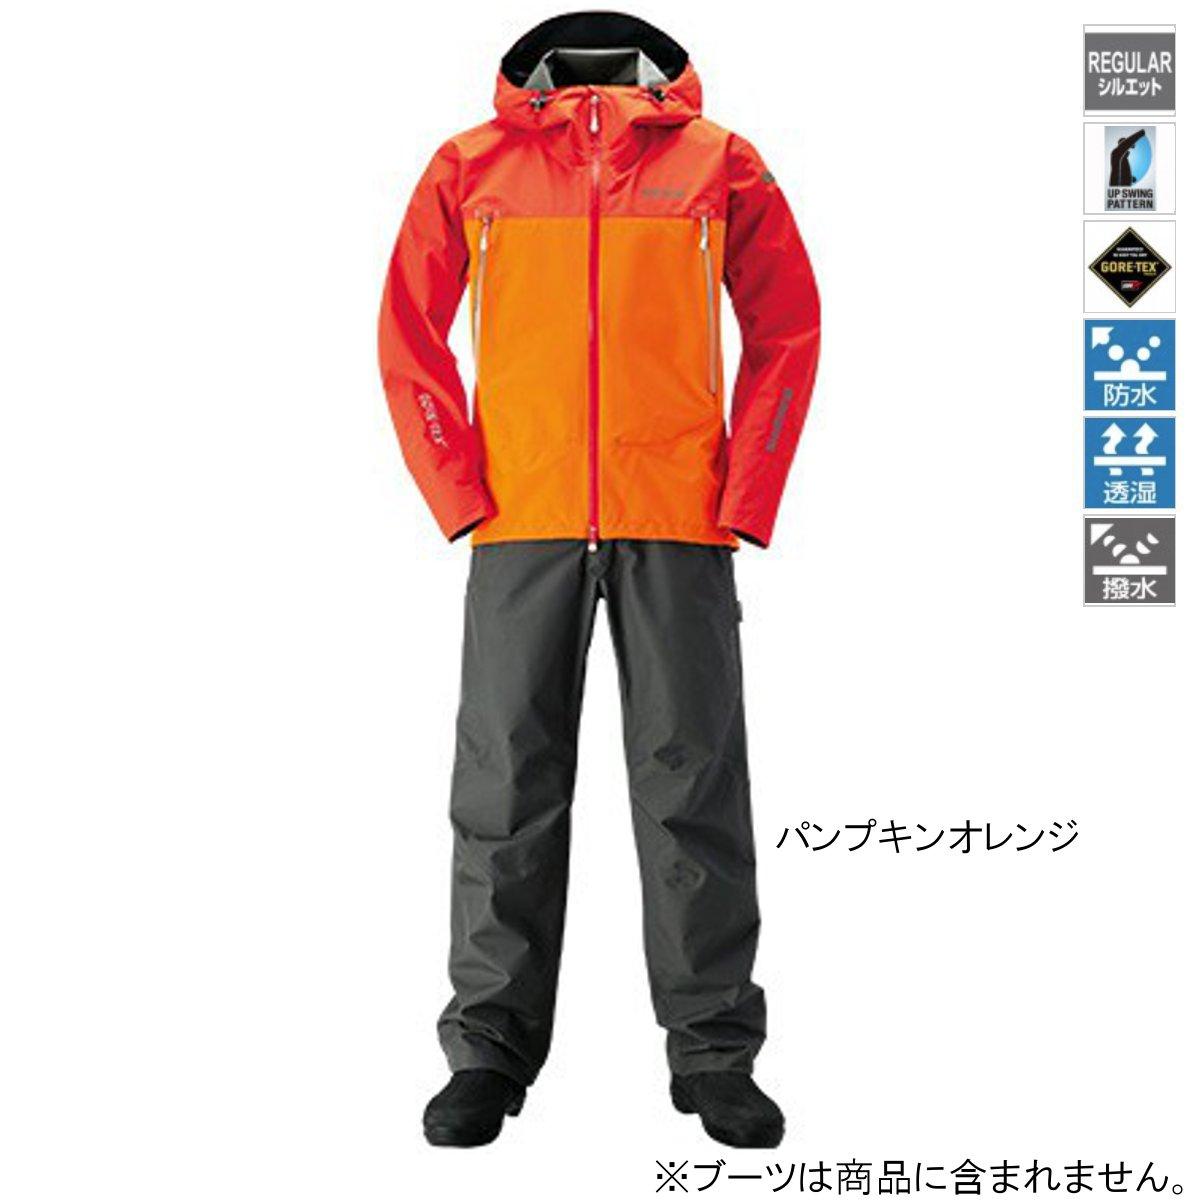 シマノ GORE-TEX ベーシックスーツ RA-017R XL パンプキンオレンジ(東日本店)